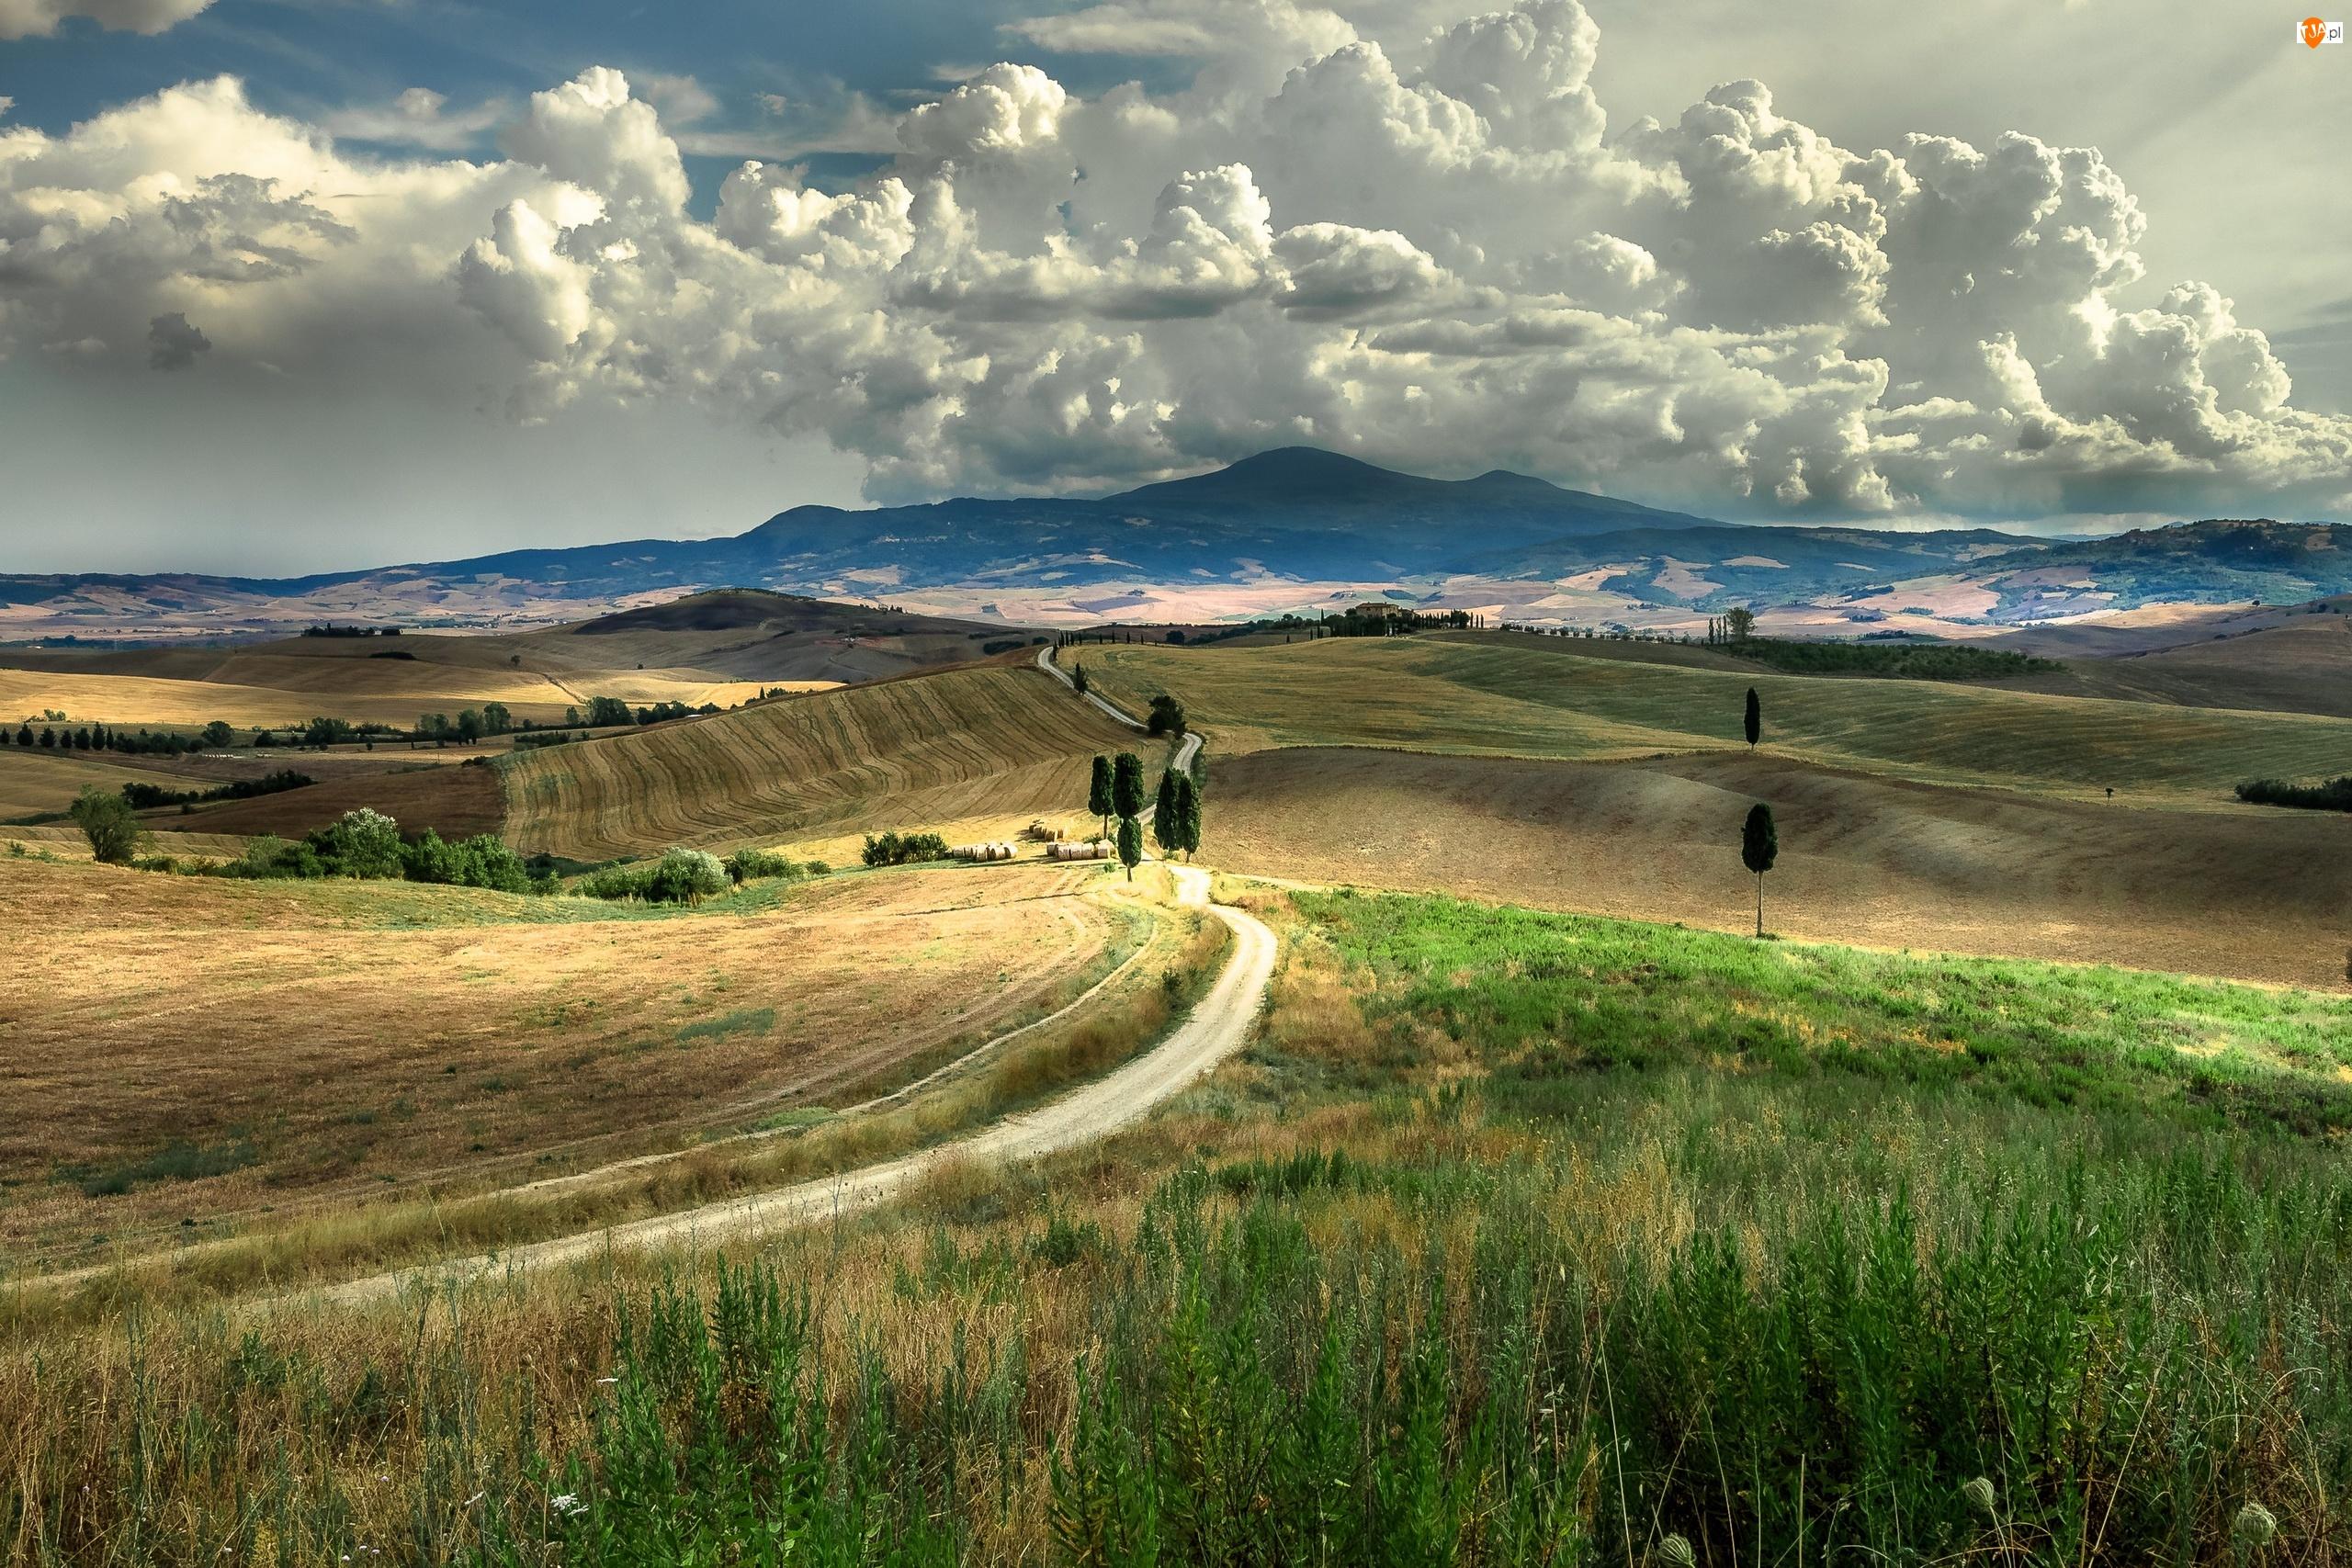 Toskania, Pola, Chmury, Włochy, Drzewa, Wzgórza, Droga